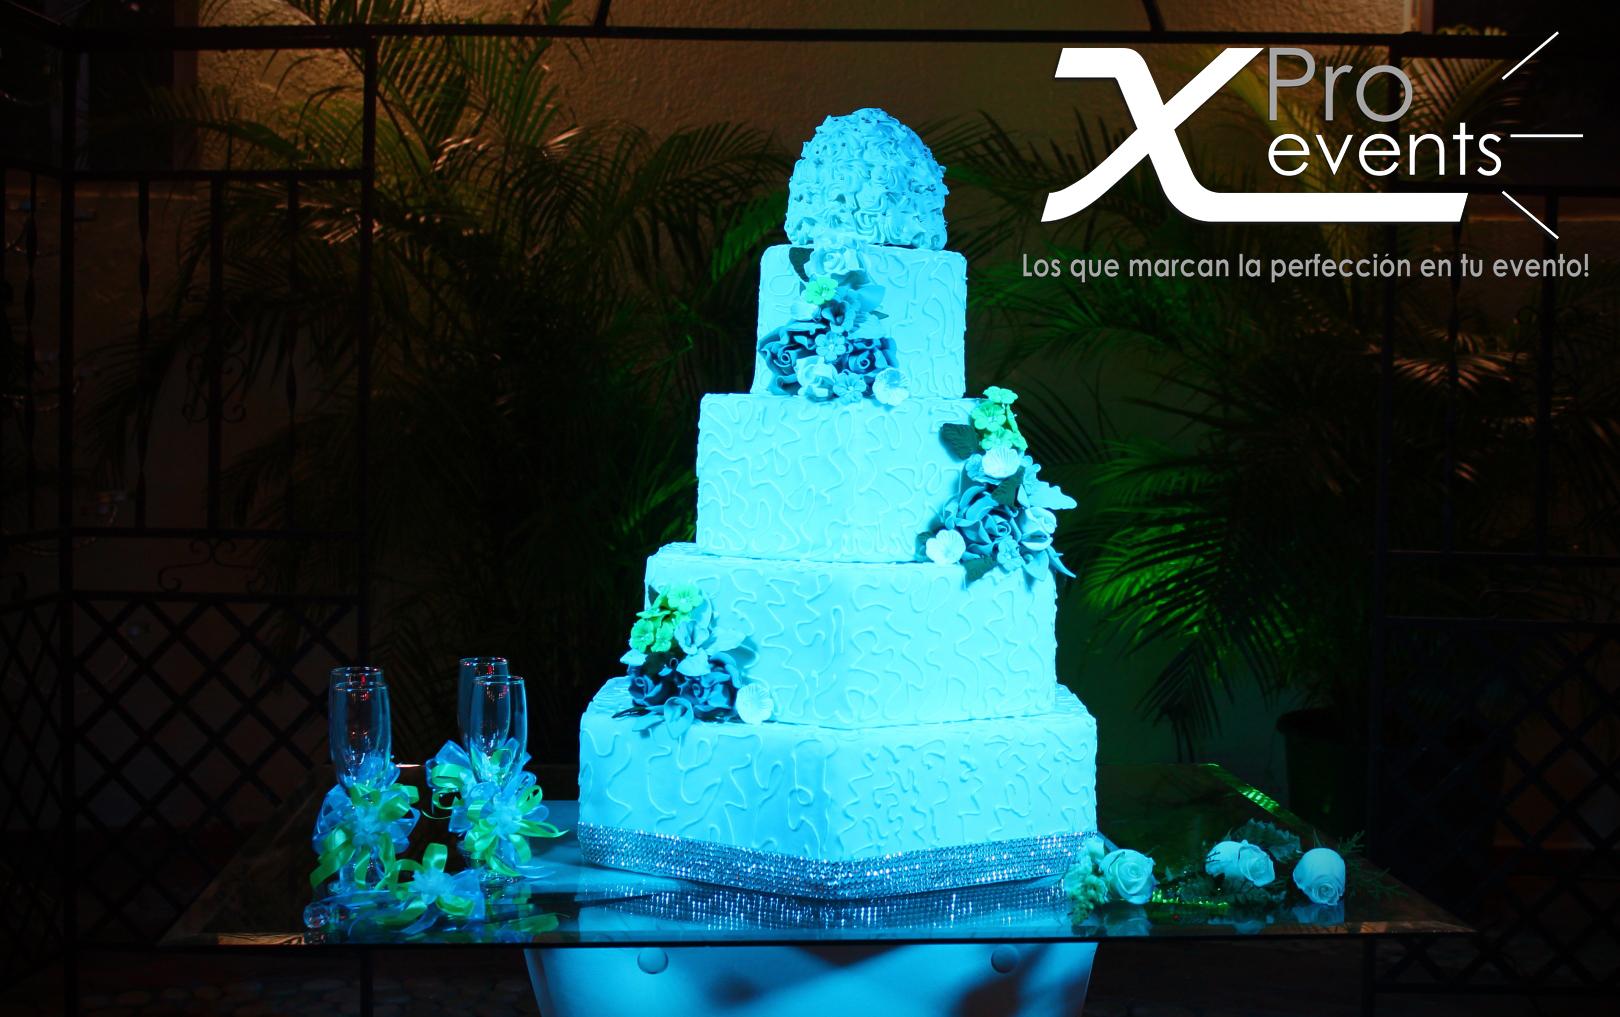 www.Xproevents.com - Los que marcan la perfeccion en tu evento 01 (7).JPG